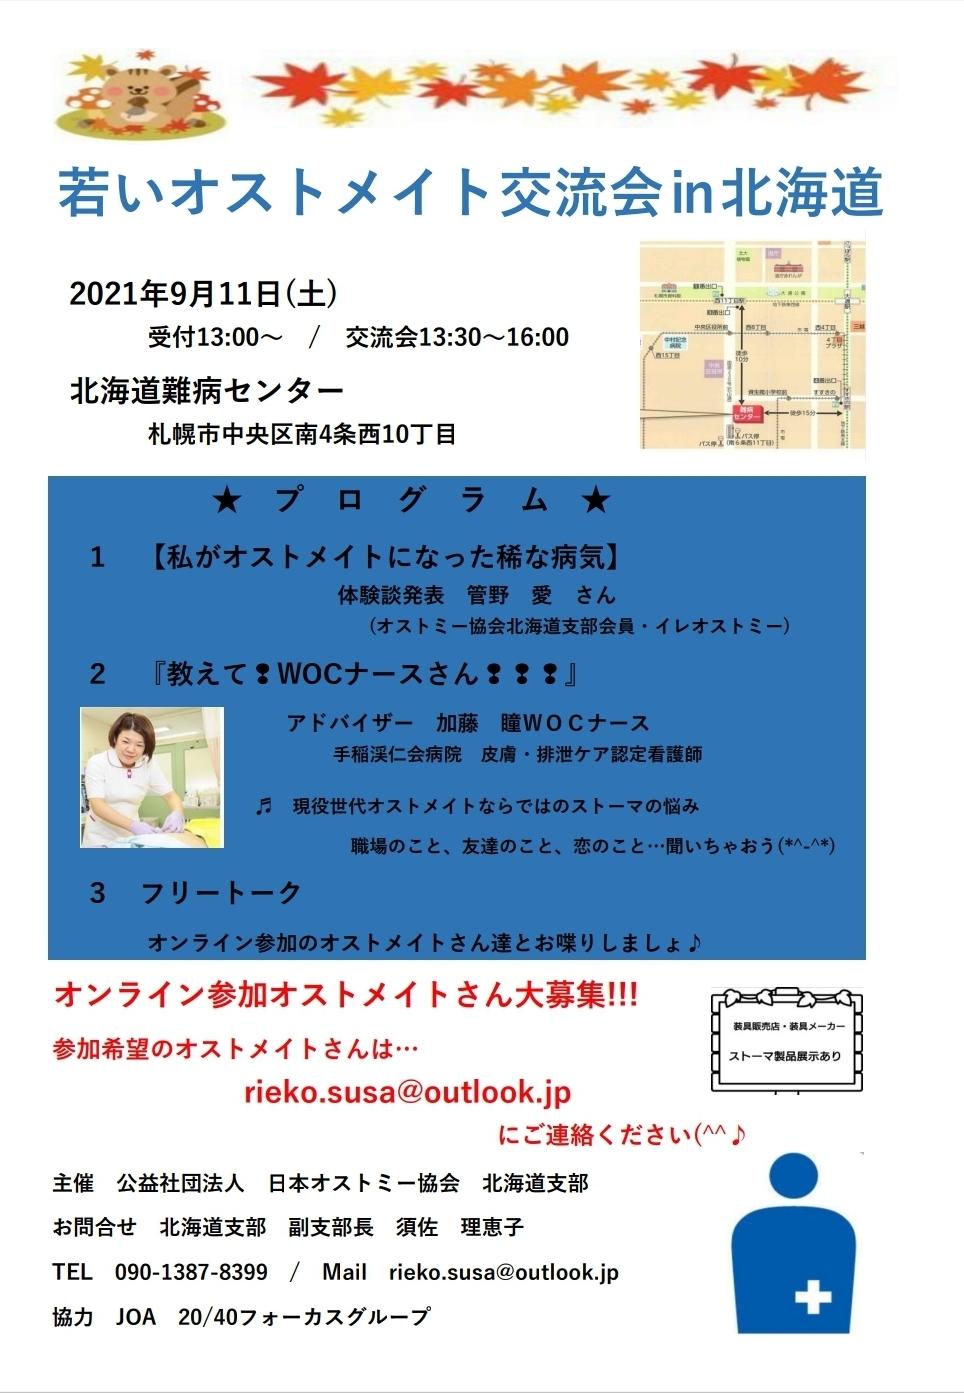 若いオストメイト交流会in北海道2021